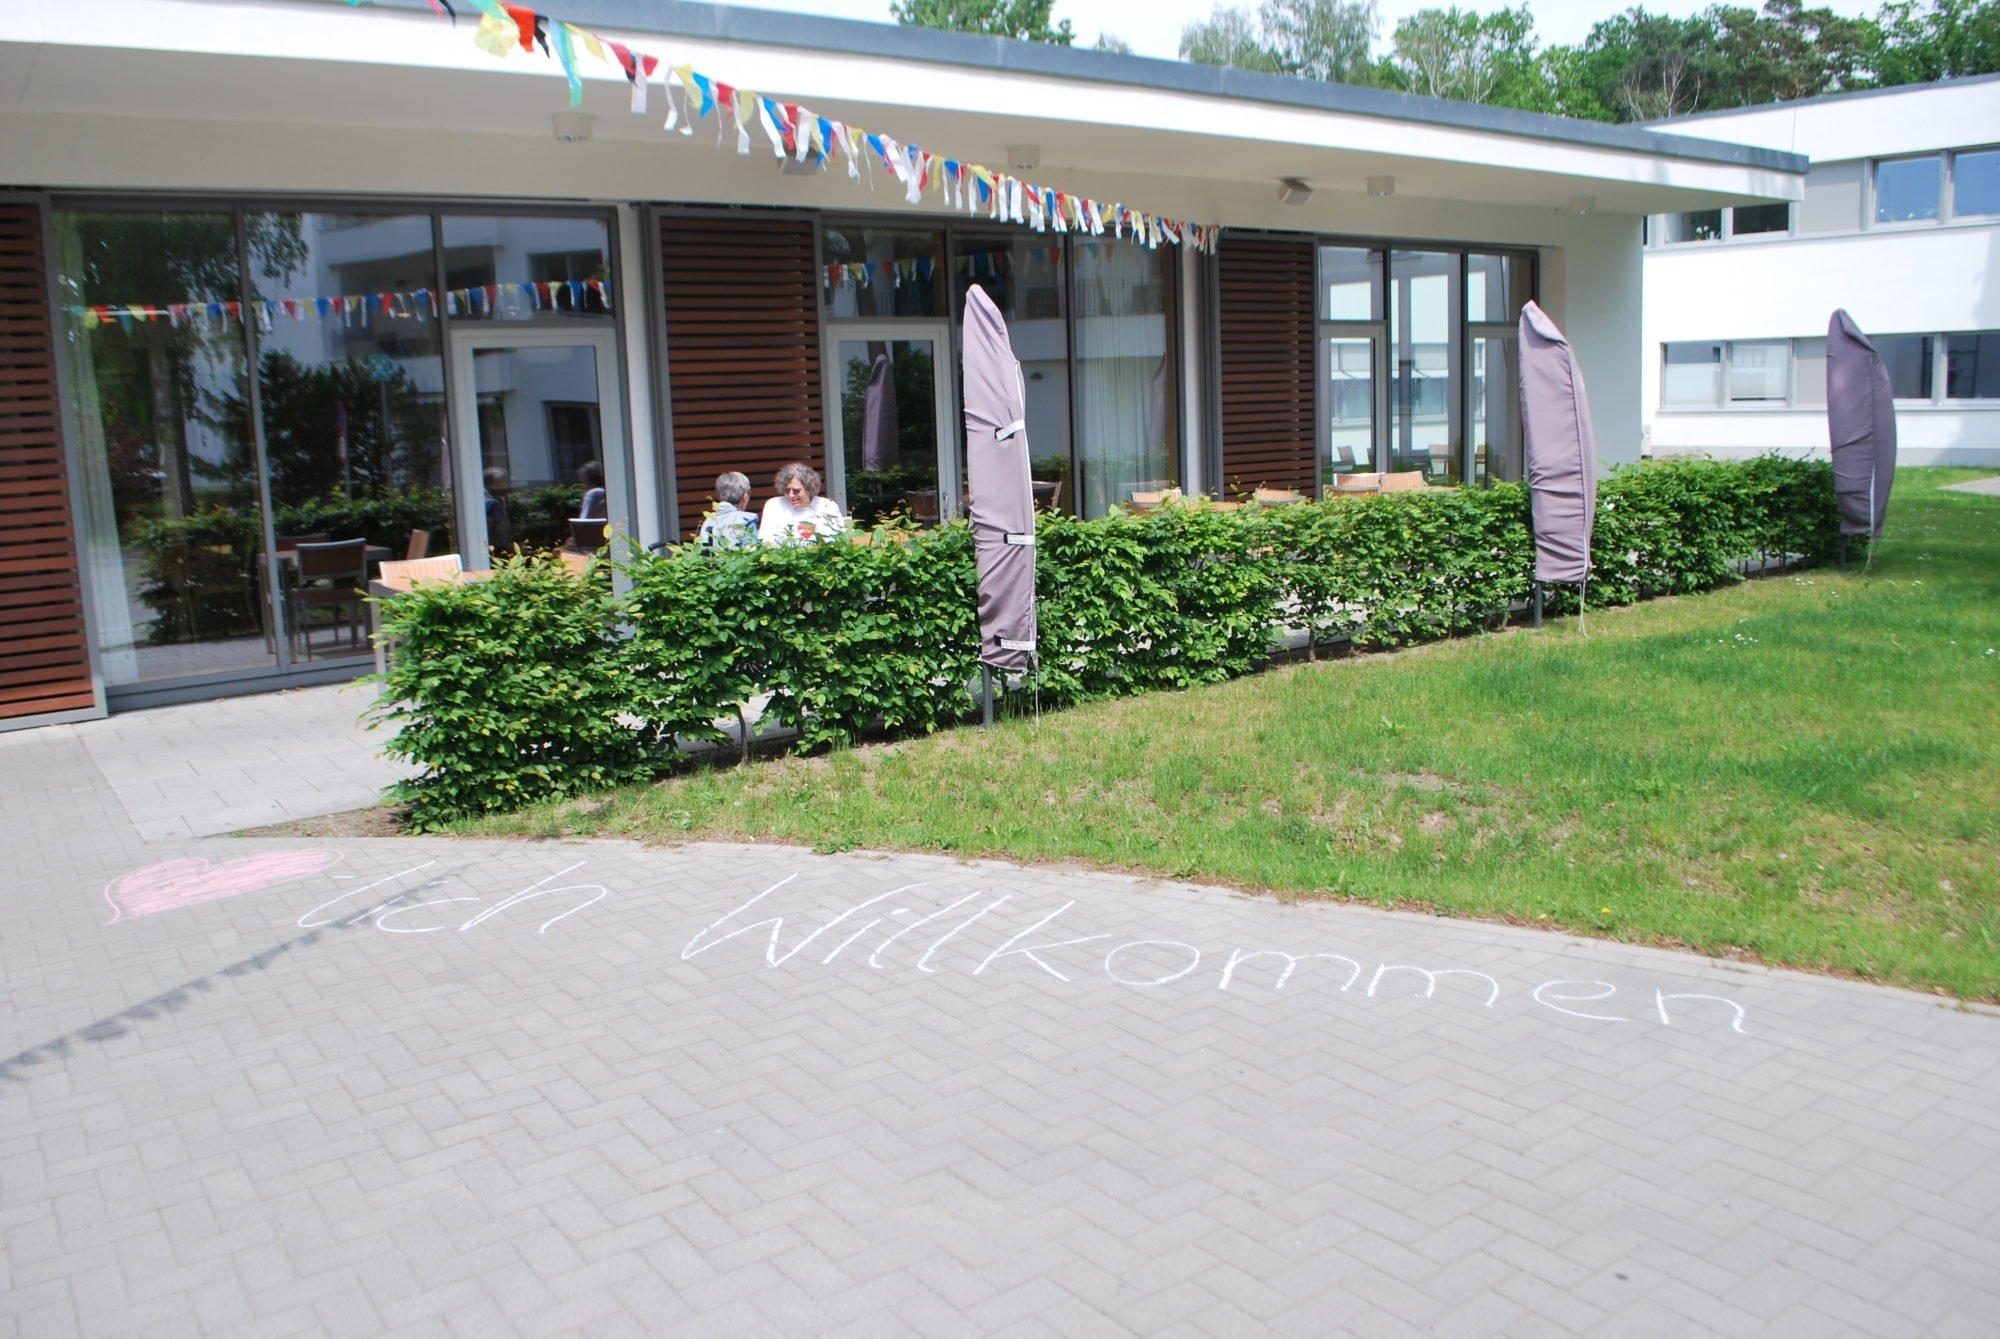 Das P.A.N. Zentrum von außen. auf dem Boden steht mir Kreide geschrieben: Herzlich Willkommen.